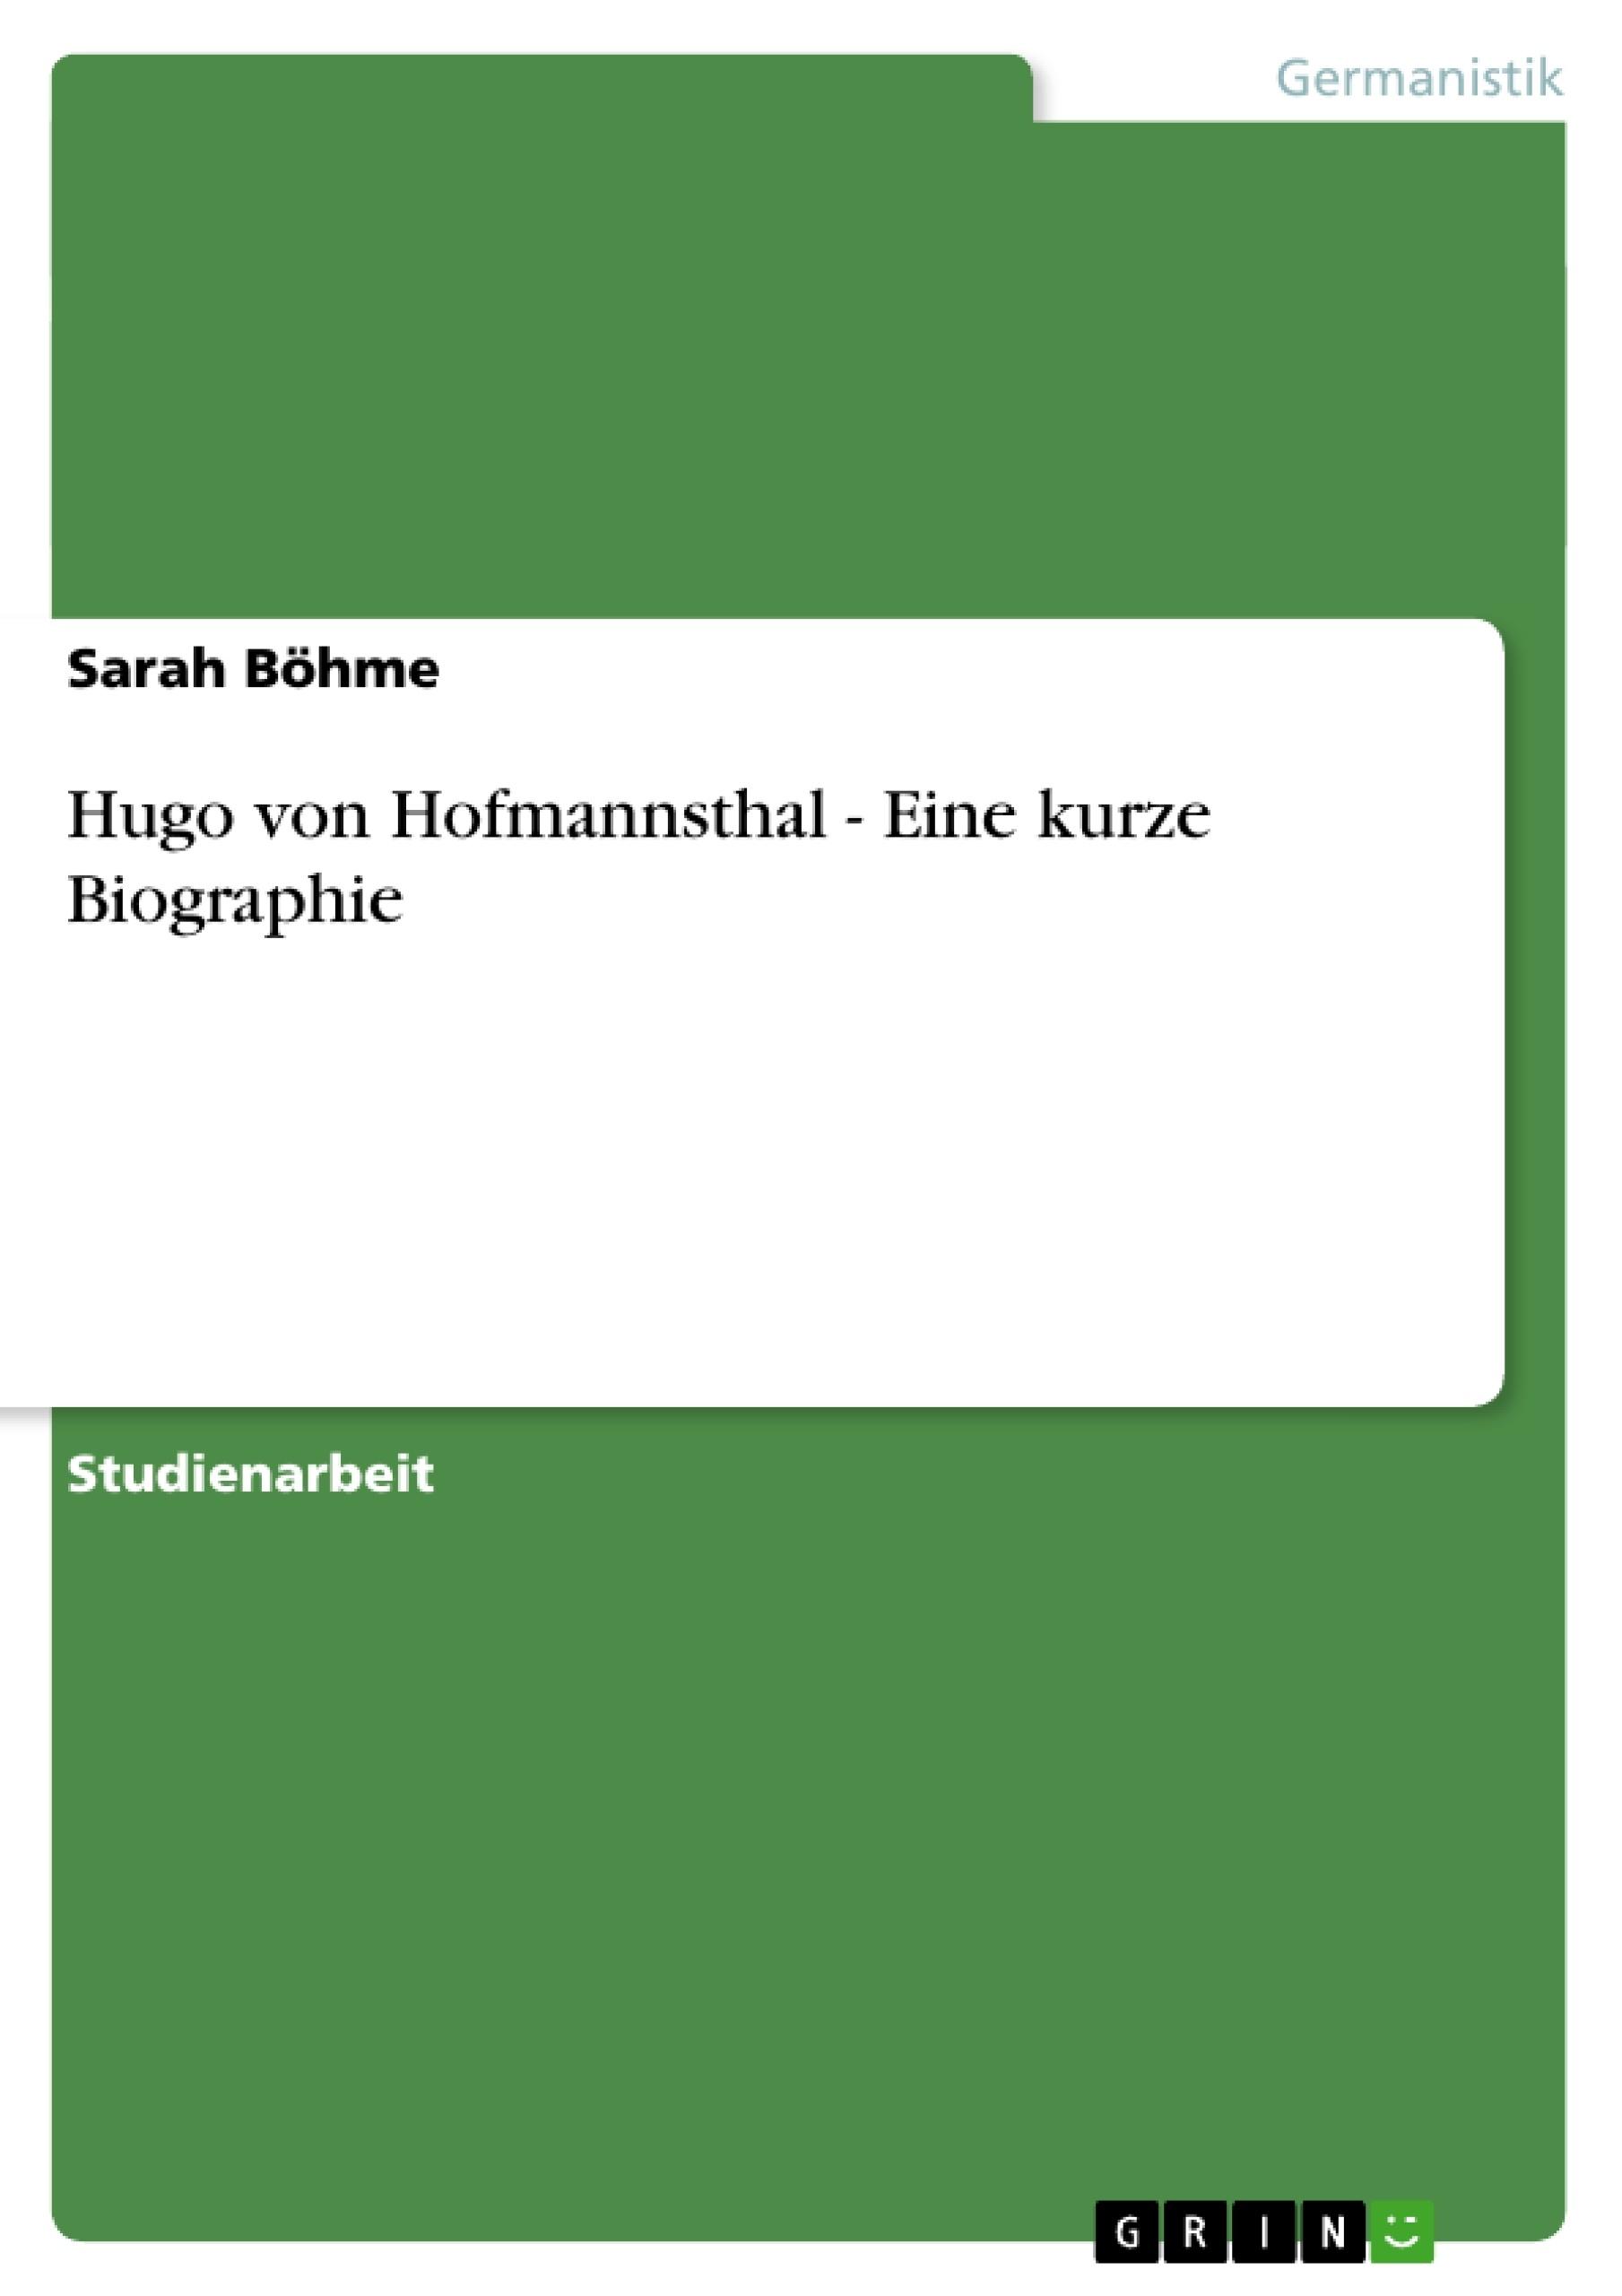 Titel: Hugo von Hofmannsthal - Eine kurze Biographie